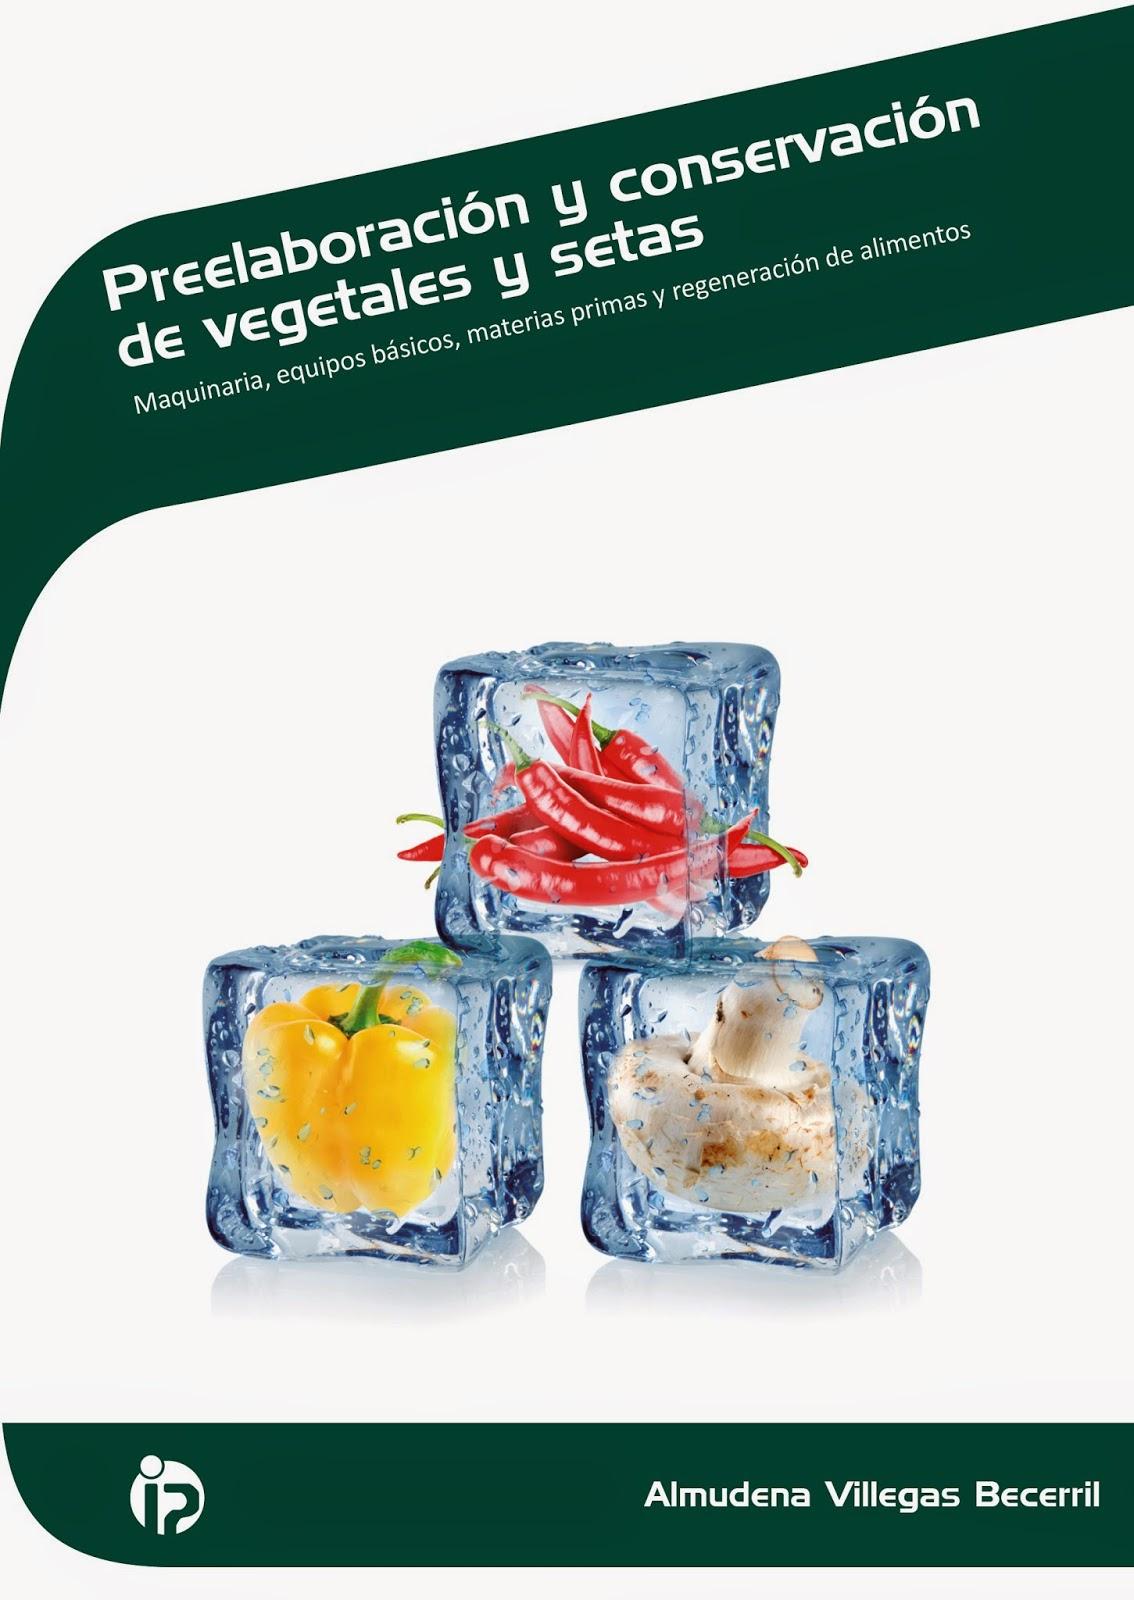 http://www.ideaspropiaseditorial.com/na/es/shop/cocina-1/manual/preelaboracion-y-conservacion-de-vegetales-y-setas.aspx